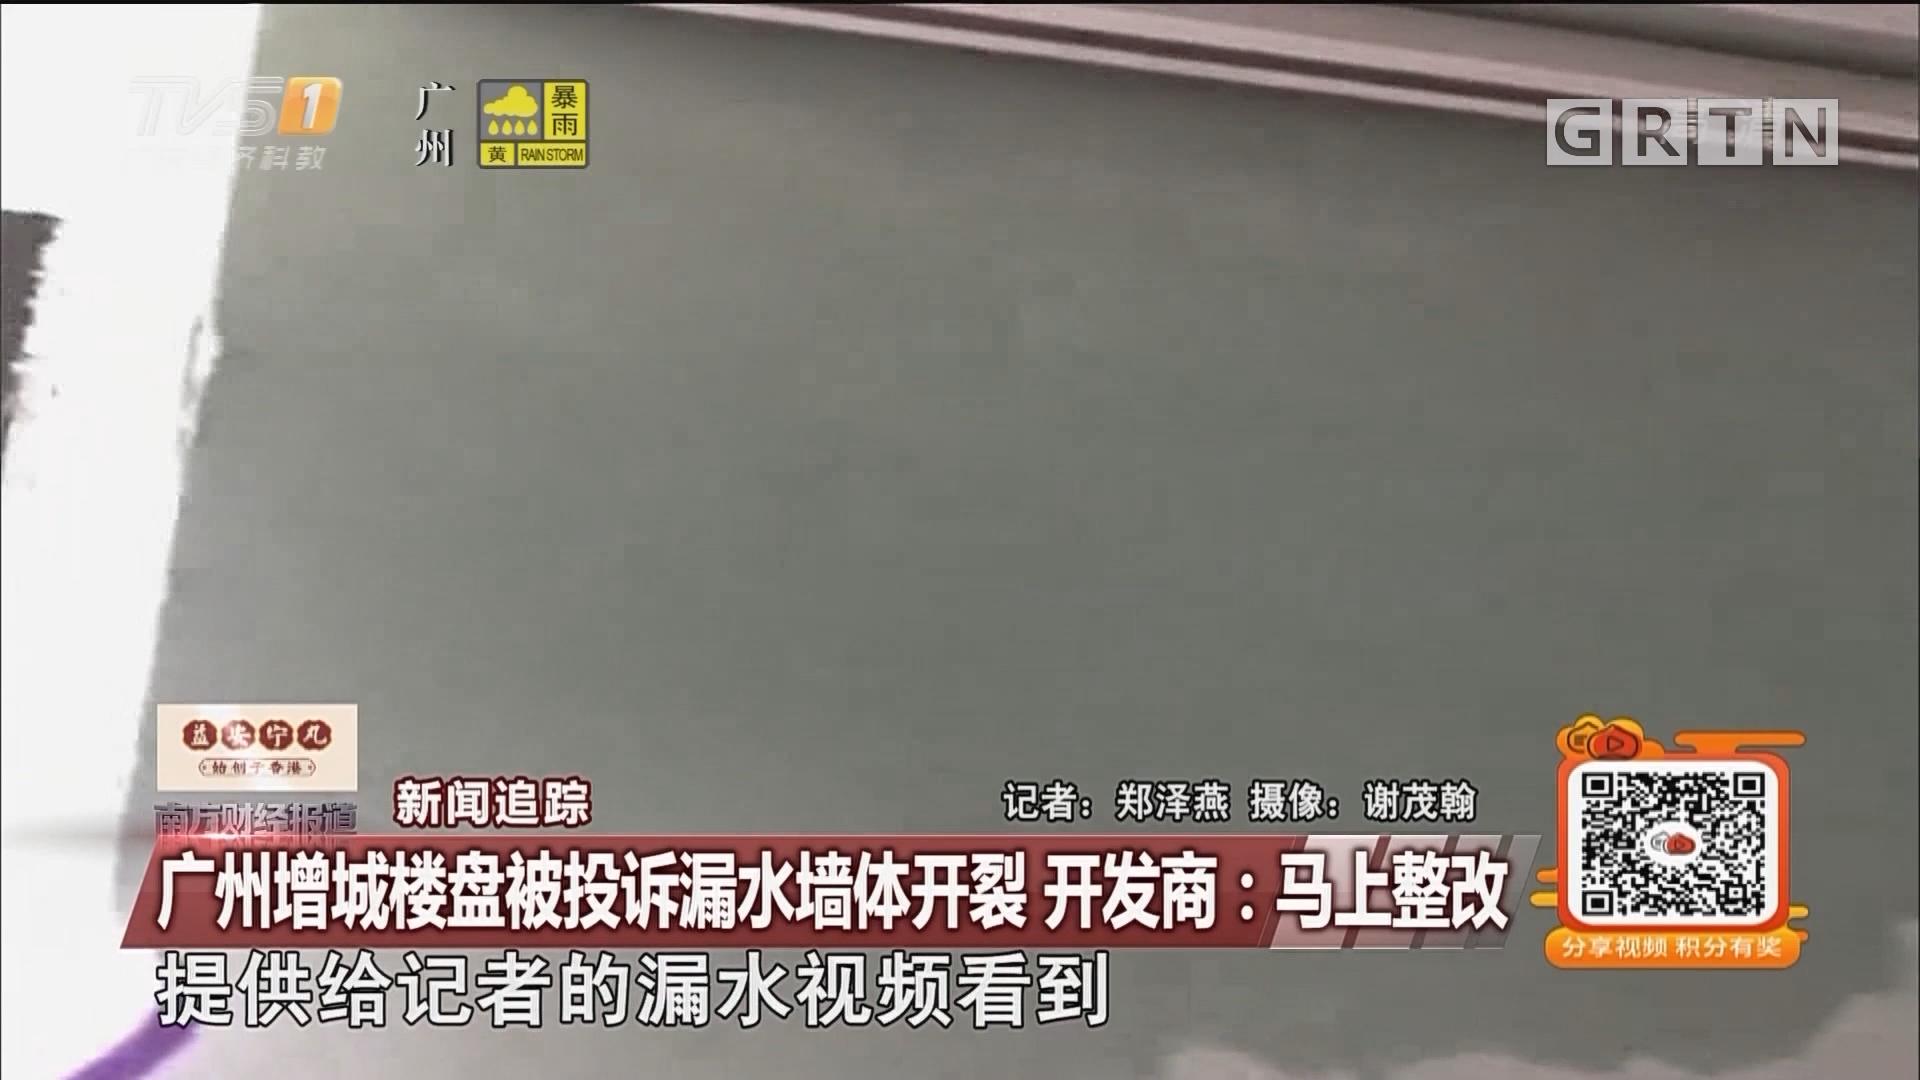 广州增城楼盘被投诉漏水墙体开裂 开发商:马上整改